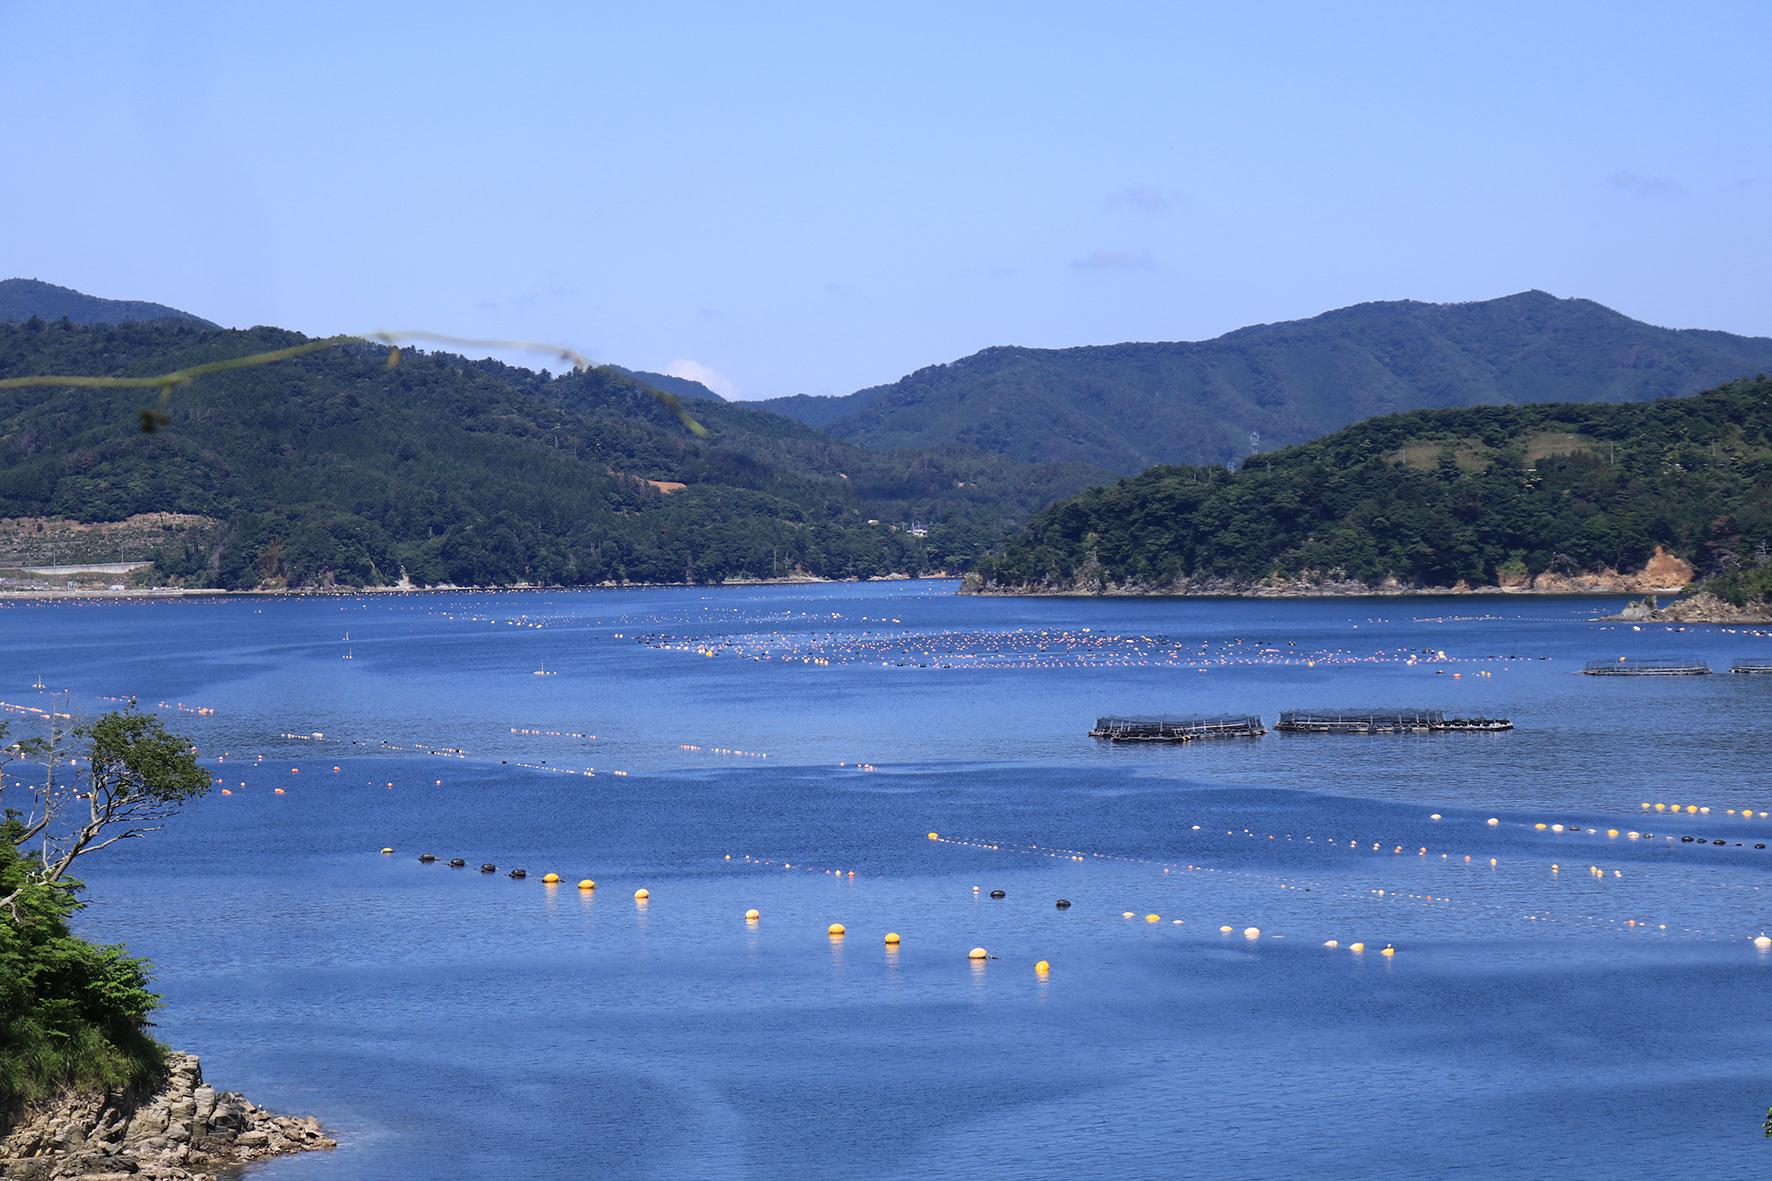 【漁師入門】沿岸の海を見てみよう〜海に浮いているアレなぁに?〜